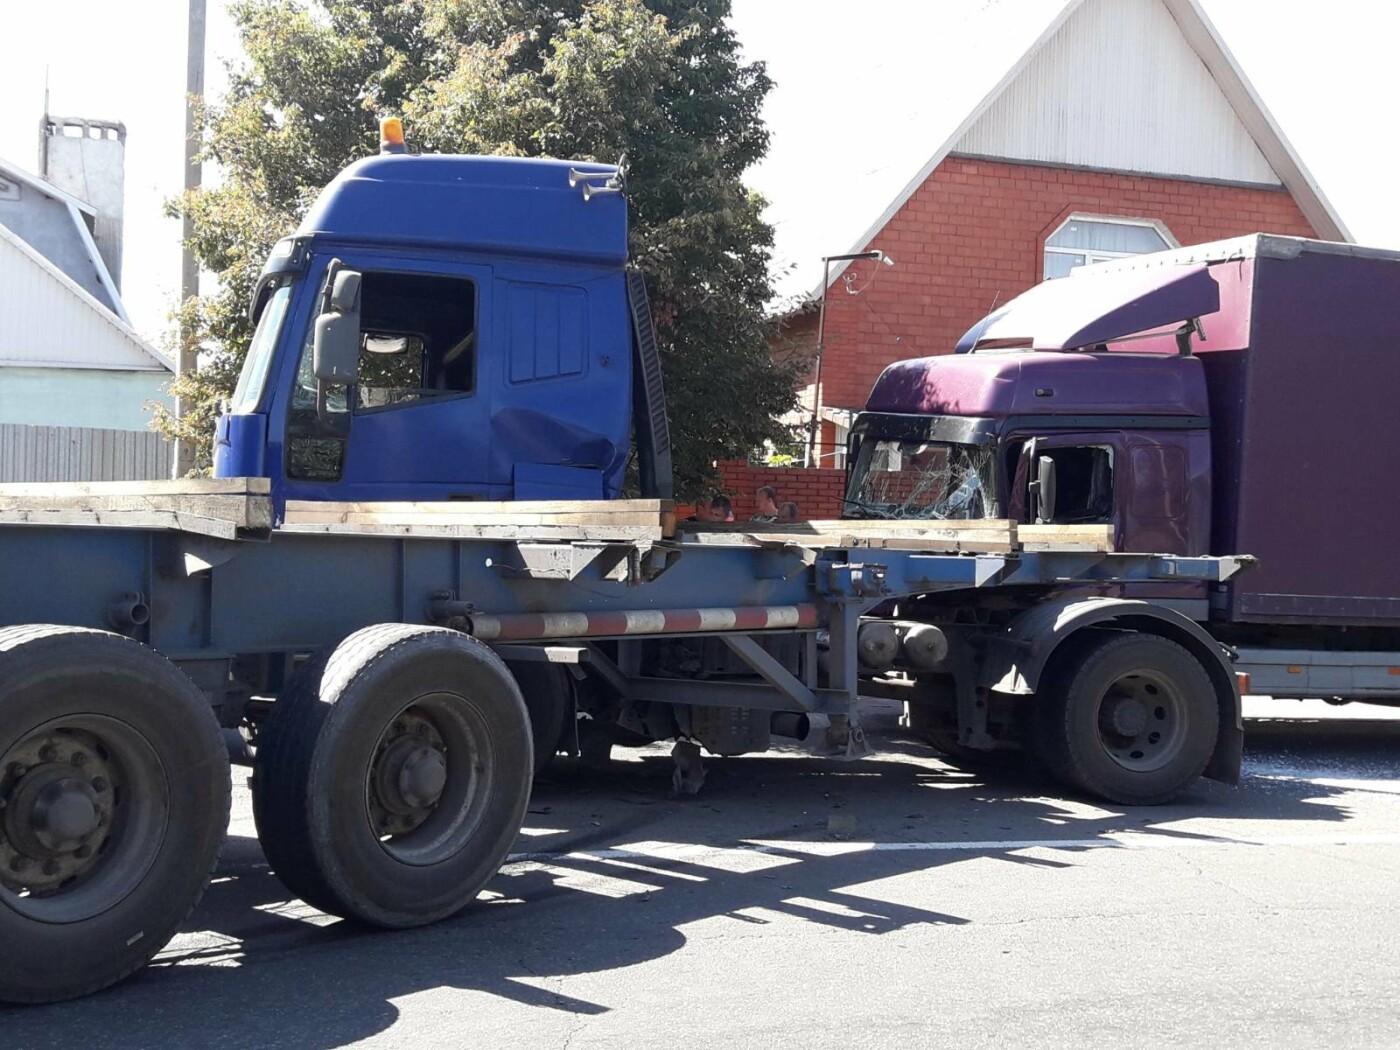 ДТП в Мариуполе: столкнулись два грузовика и перекрыли дорогу, - ФОТО, ВИДЕО, фото-1